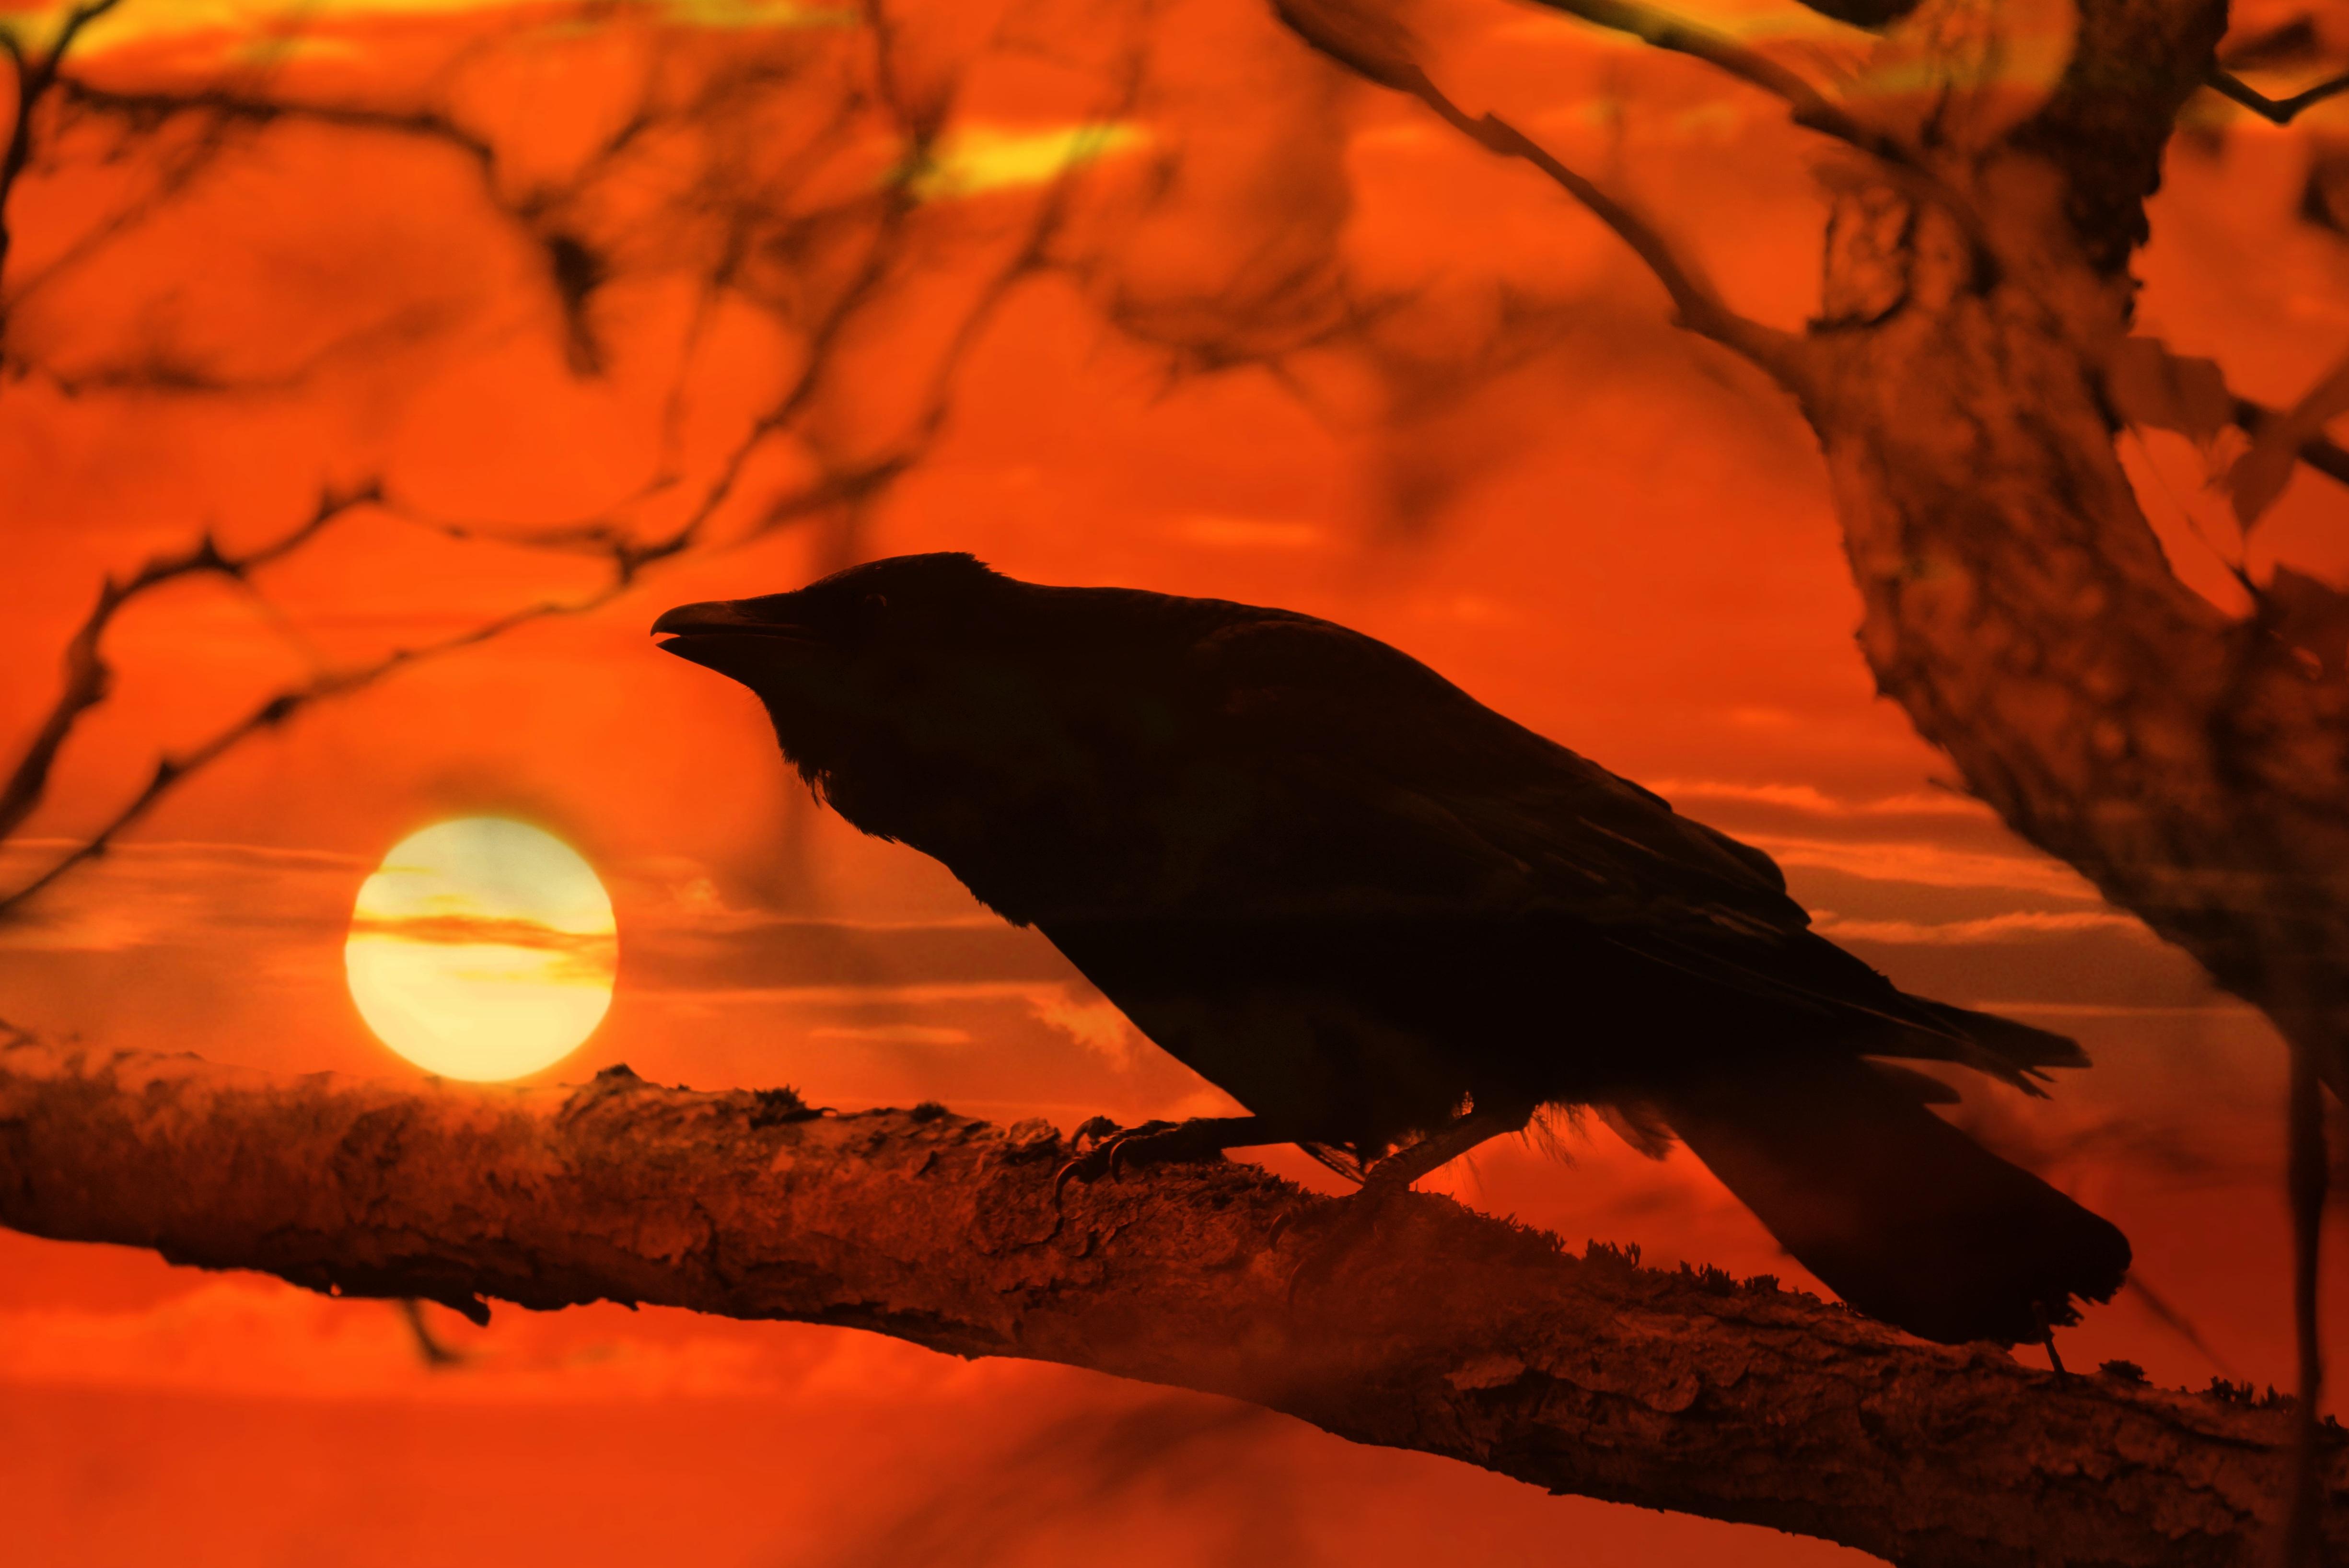 Bilder von Aaskrähe Sonne Sonnenaufgänge und Sonnenuntergänge Ast ein Tier 4900x3271 Tiere